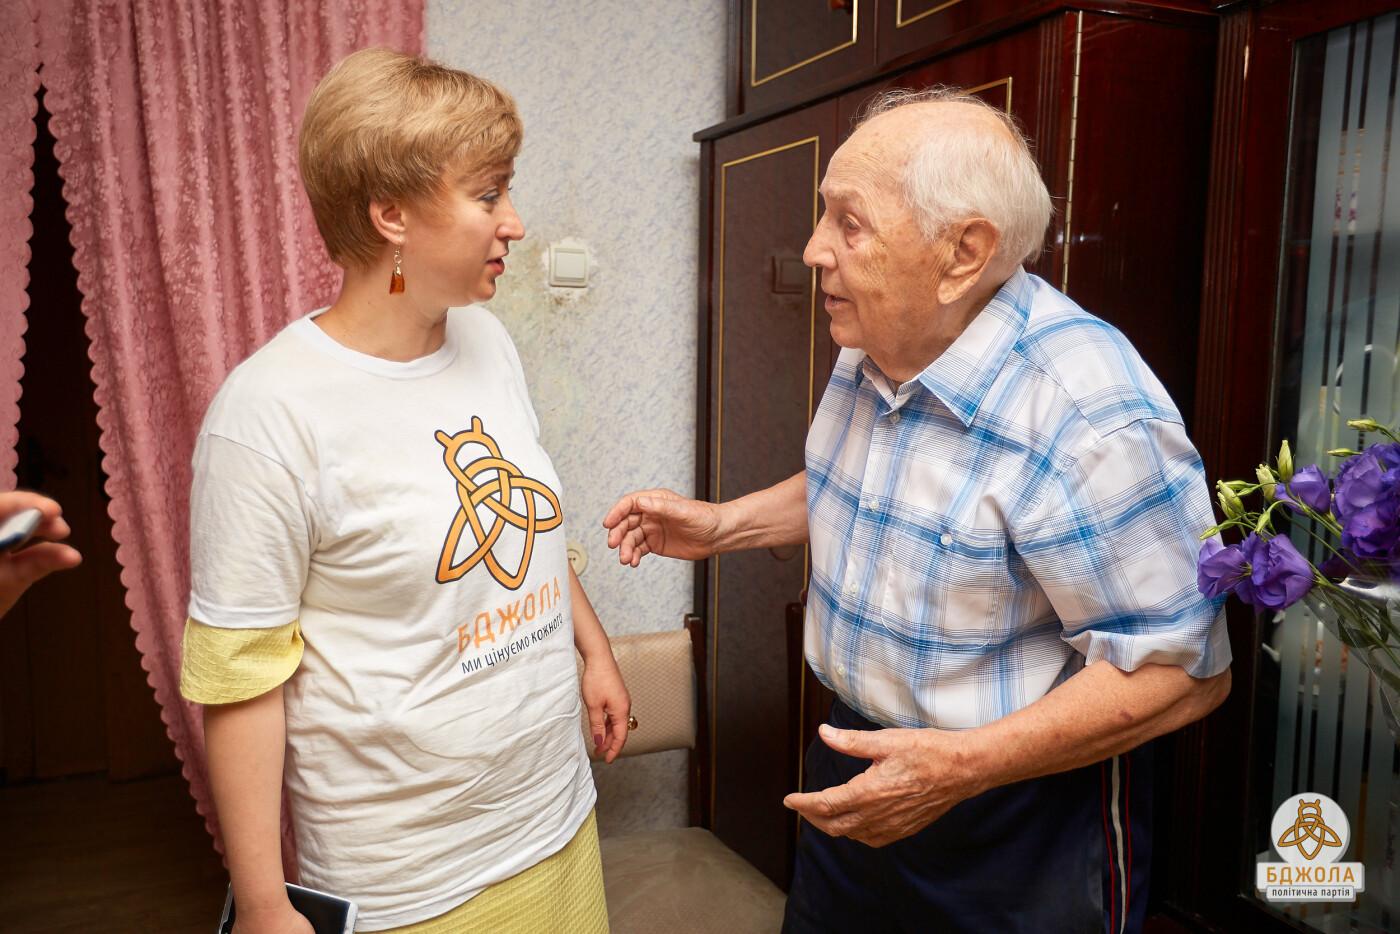 Представители партии «Бджола» поздравили с 96-летием выдающегося врача, фото-2